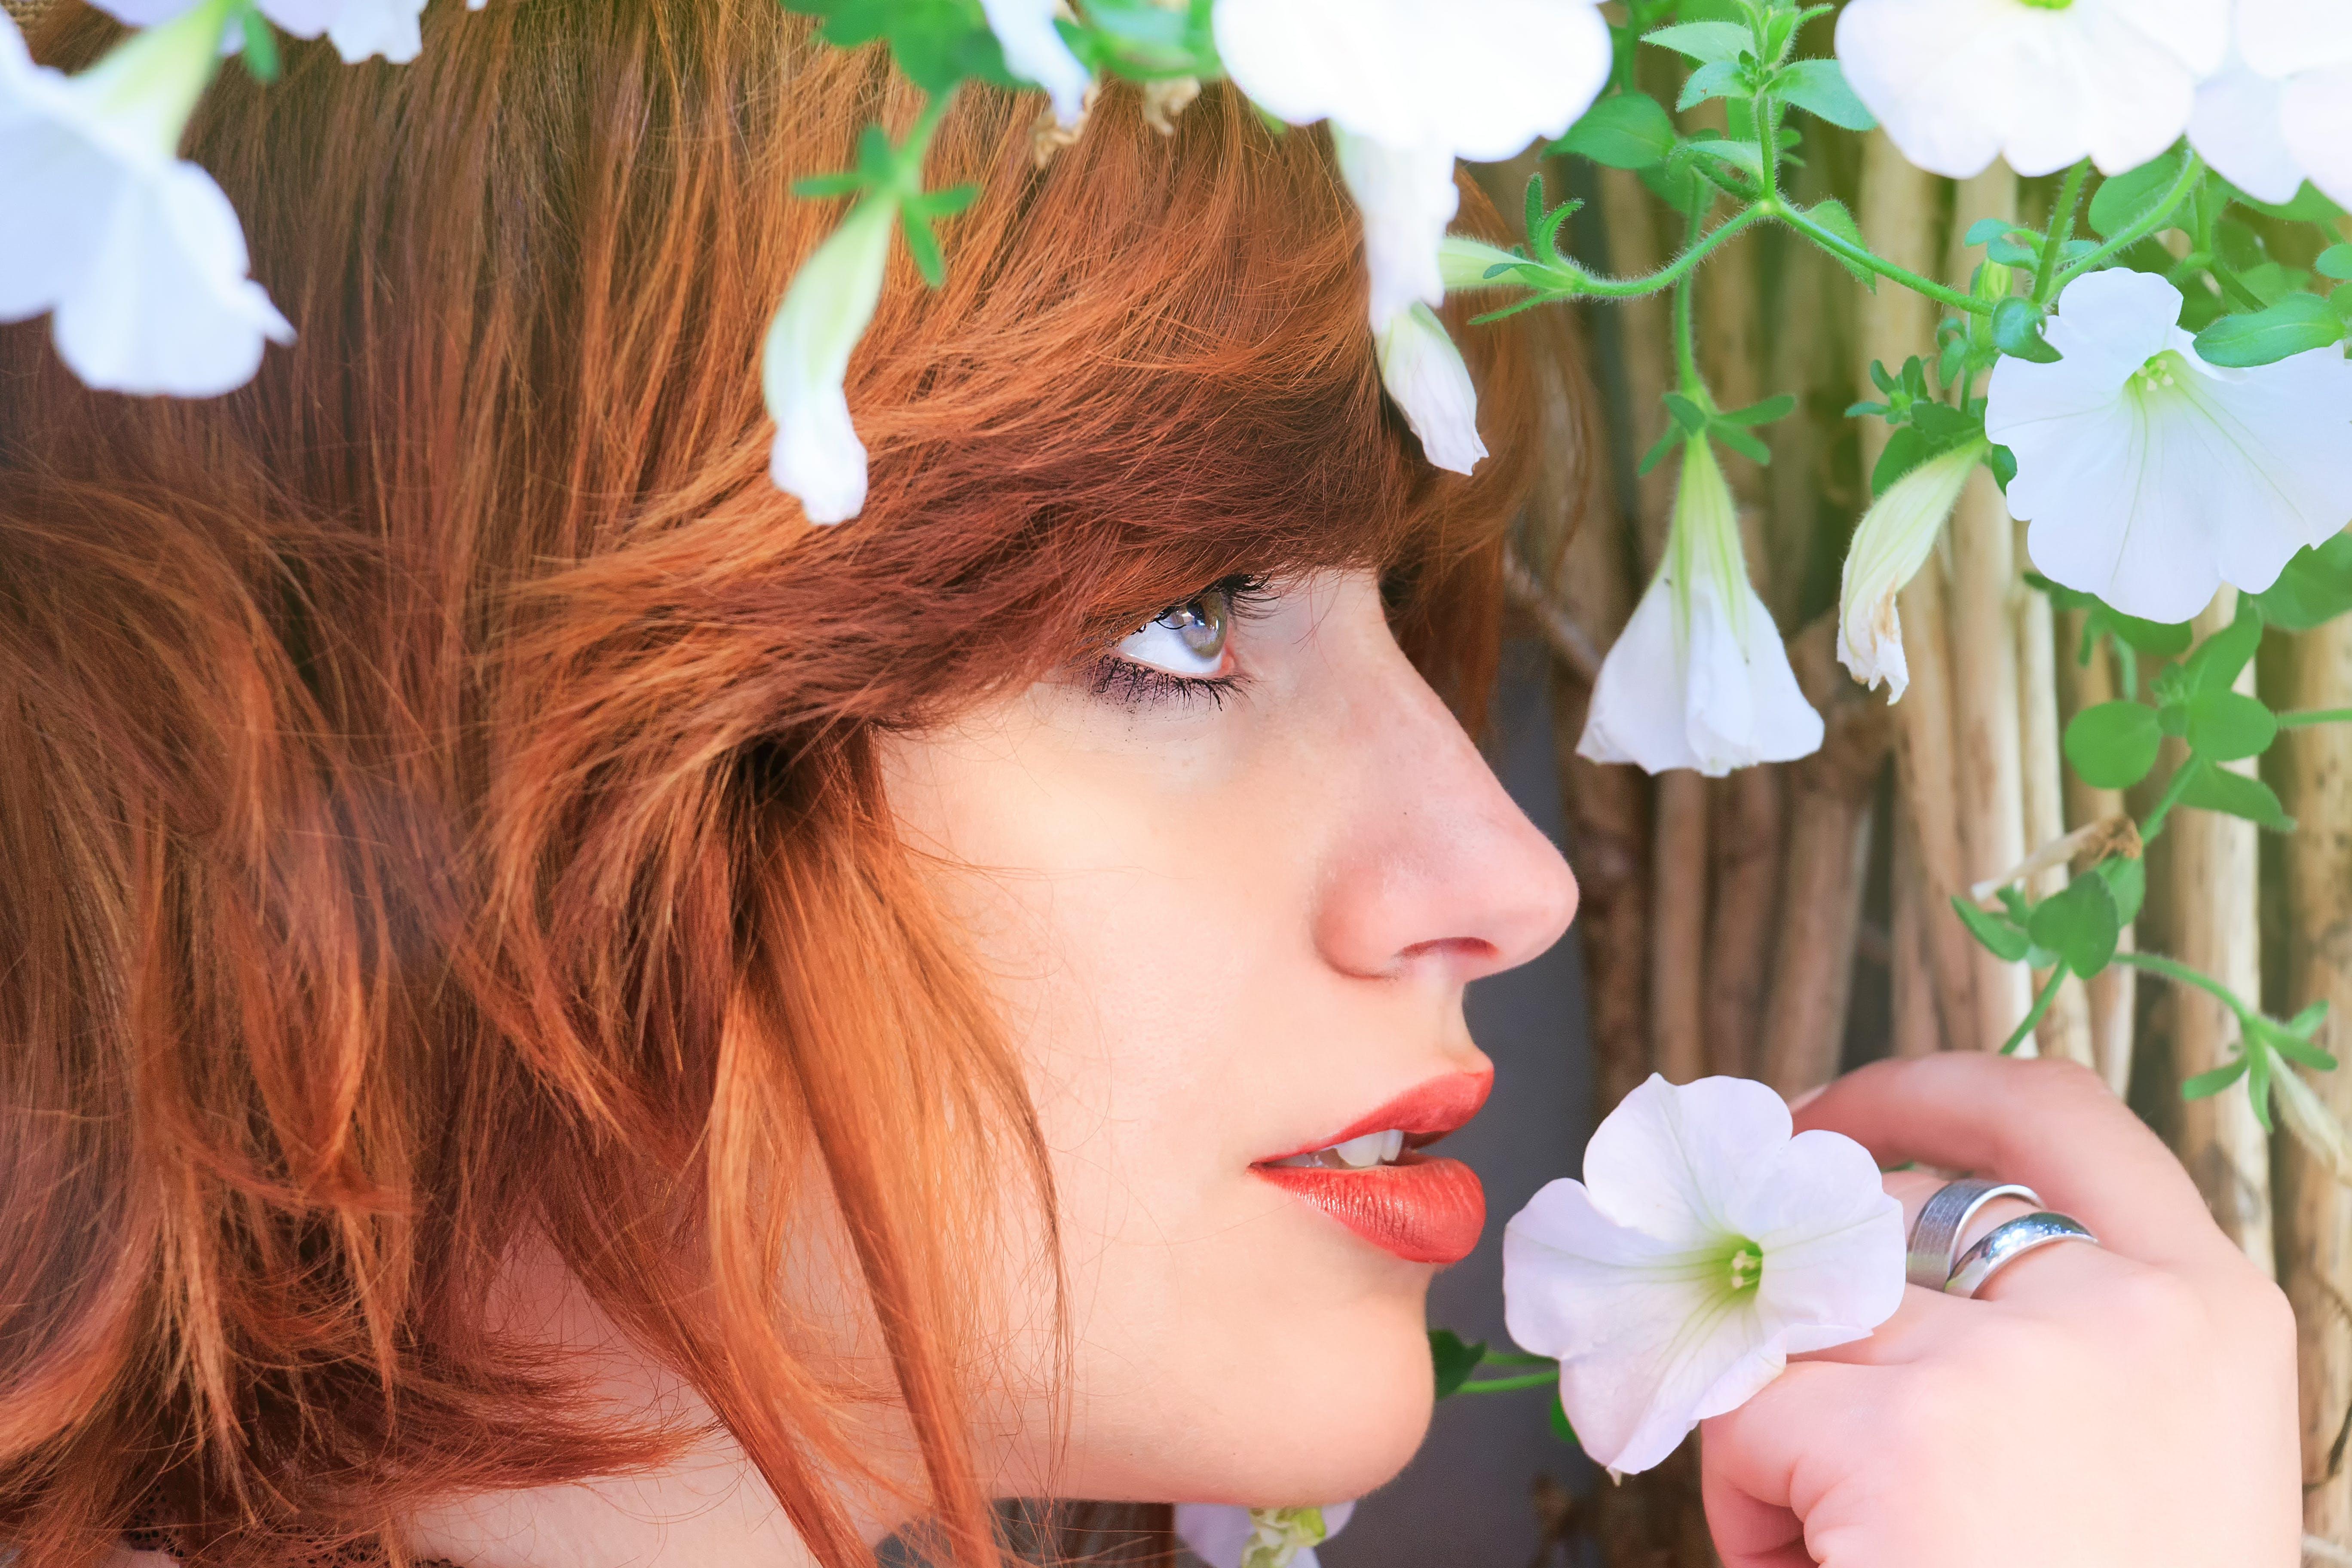 Fotos de stock gratuitas de belleza, bonita, bonito, chica